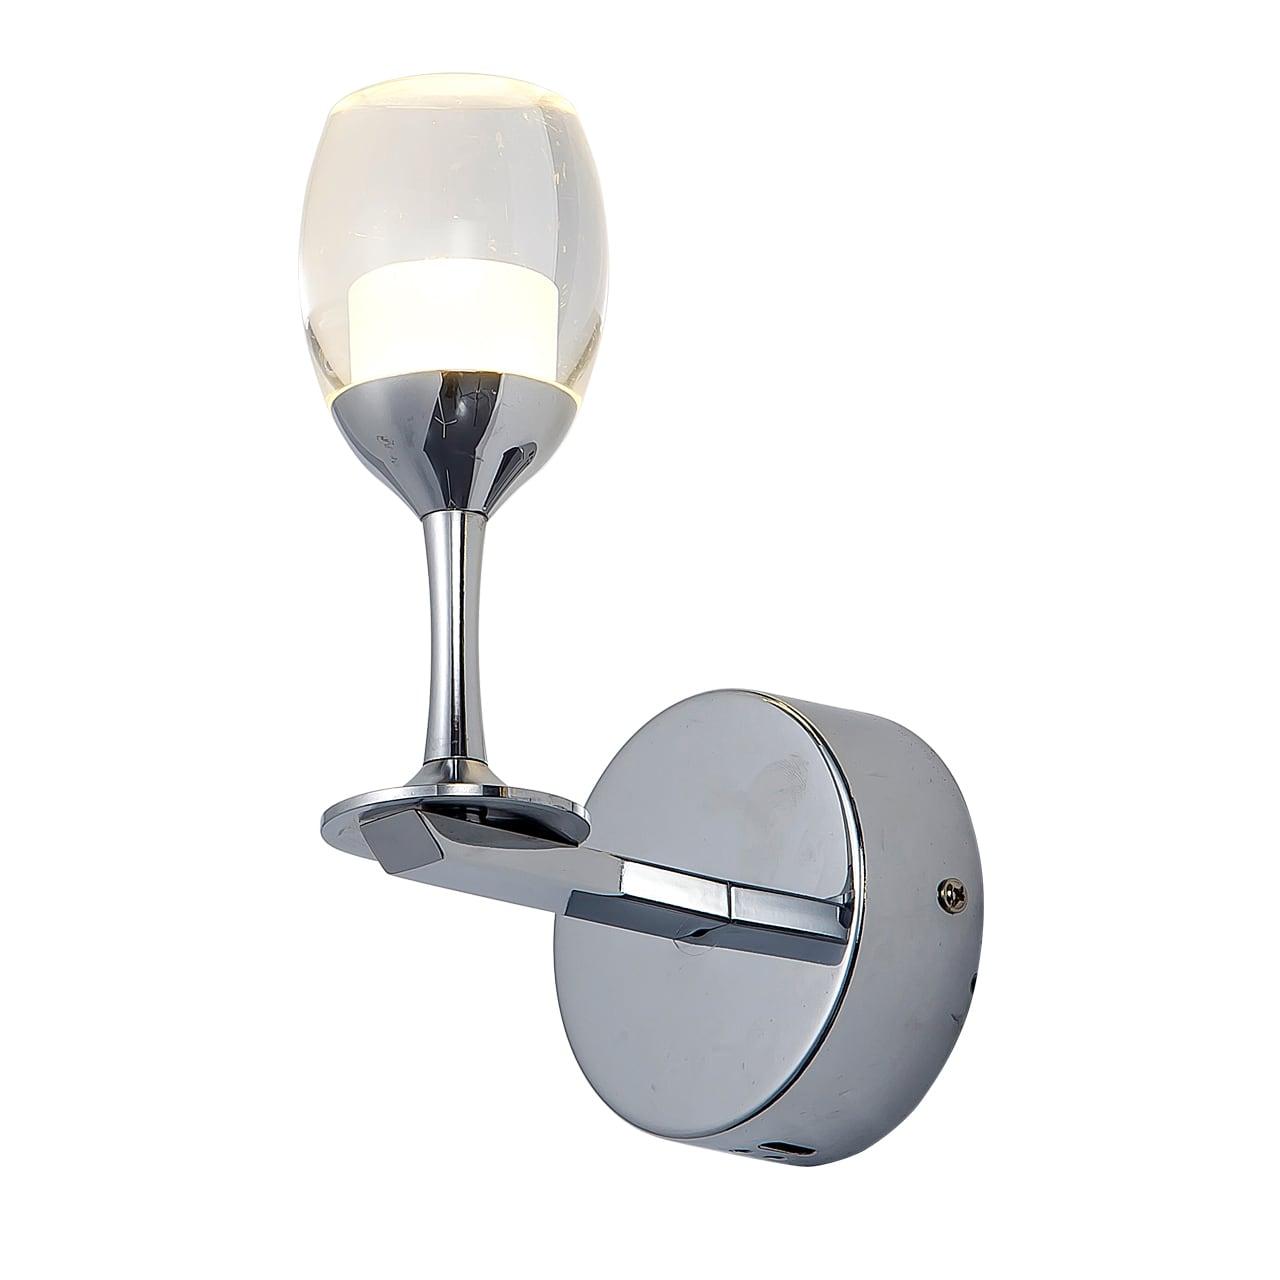 Nástěnné svítidlo Milagro COPPA 307 Chrome 5W